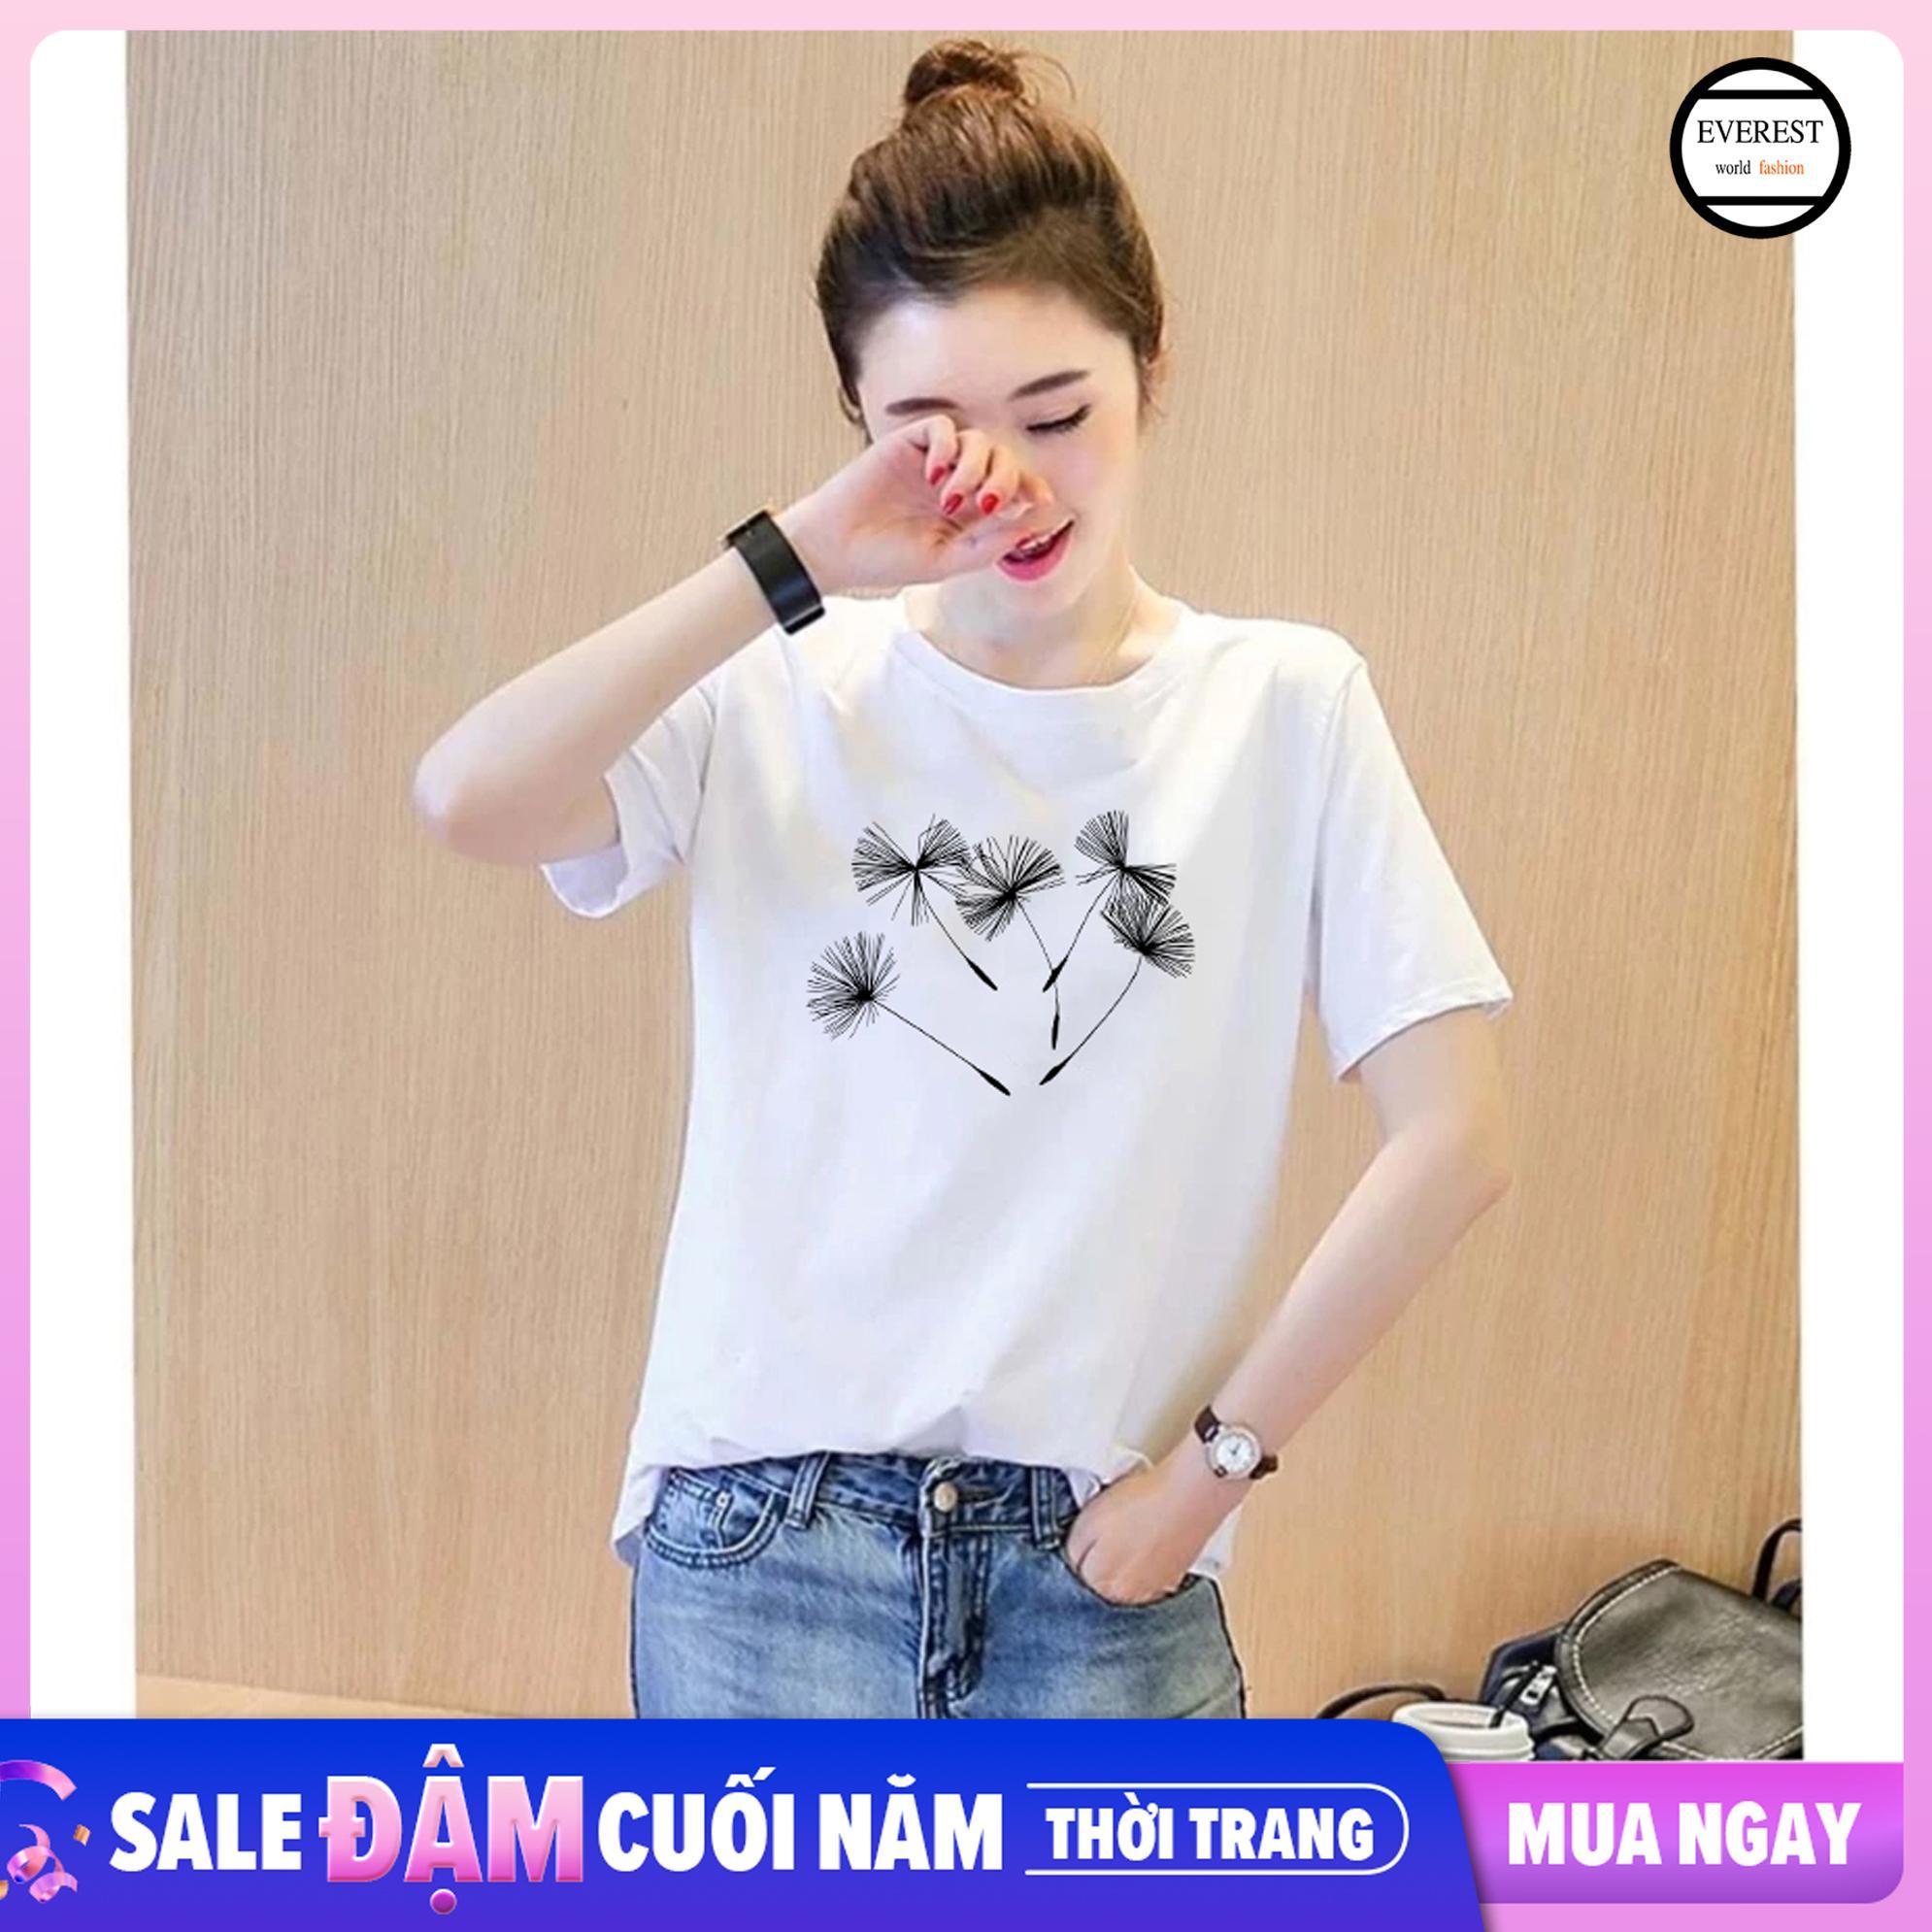 Offer Khuyến Mãi Áo Thun Nữ In Hình Hoa Bồ Công Anh Form Rộng Hàn Quốc Vải Dày Mịn AoK1565